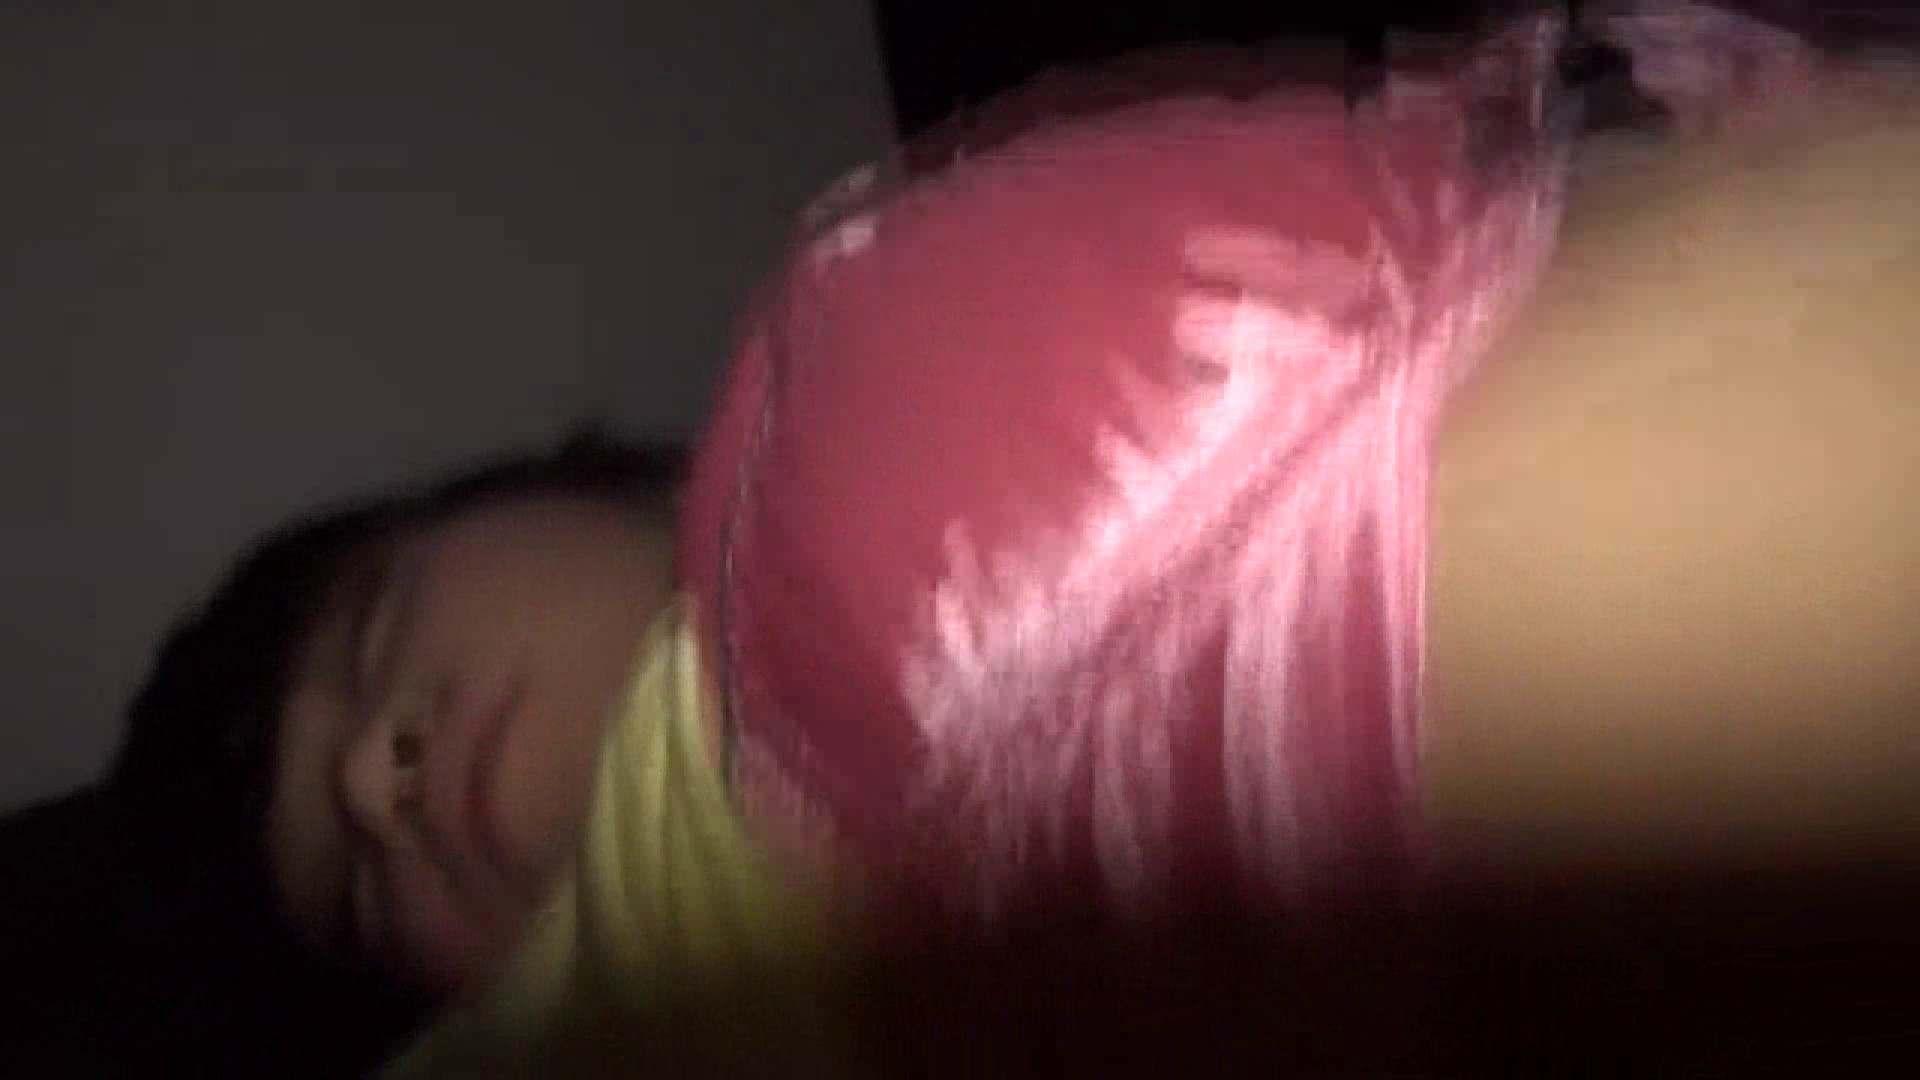 ギャルエロ娘の反乱 Vol.04 美少女 | オナニー特集  83連発 12